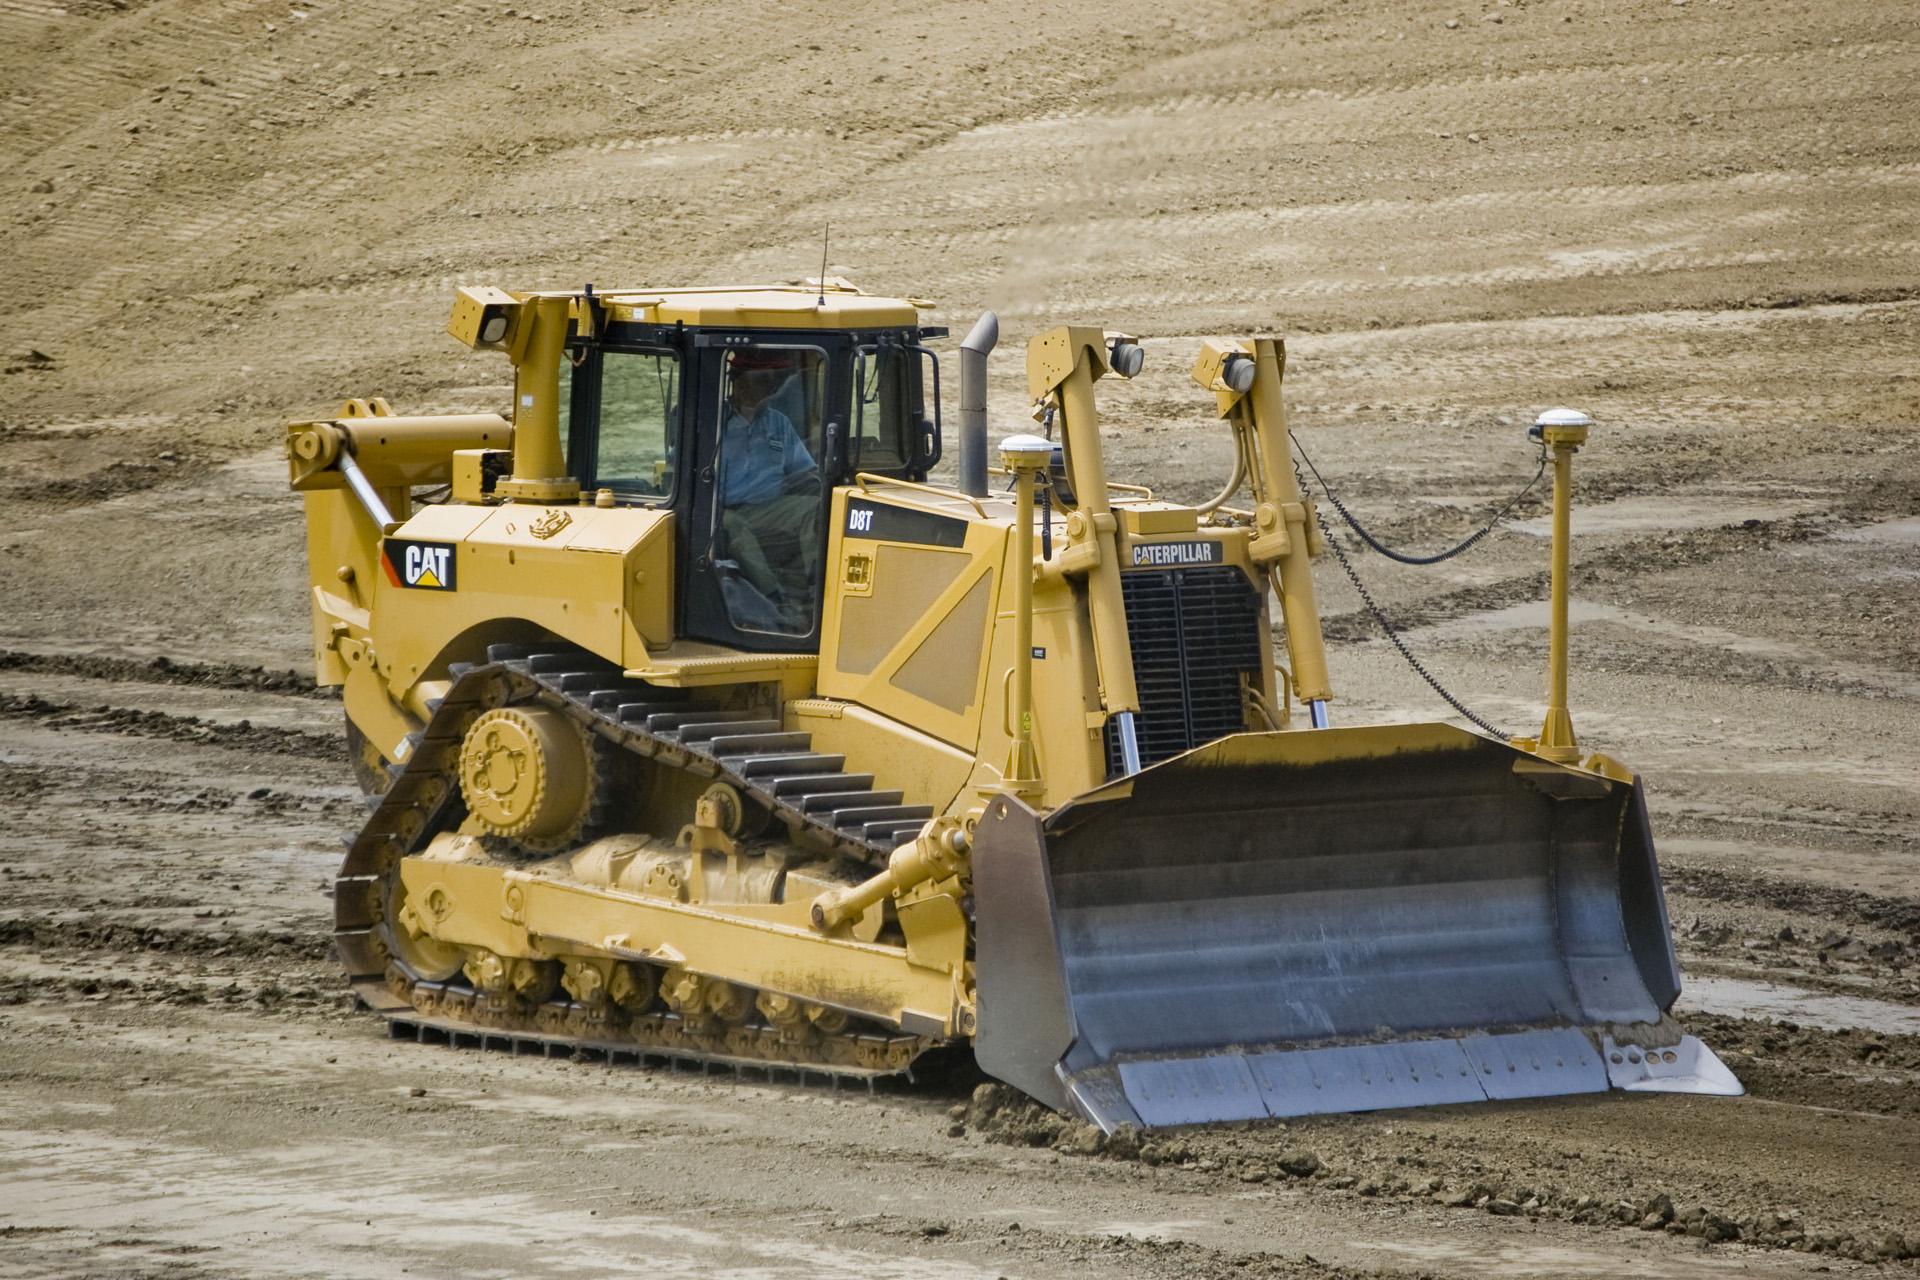 Caterpillar D8 photos - PhotoGallery with 9 pics| CarsBase.com